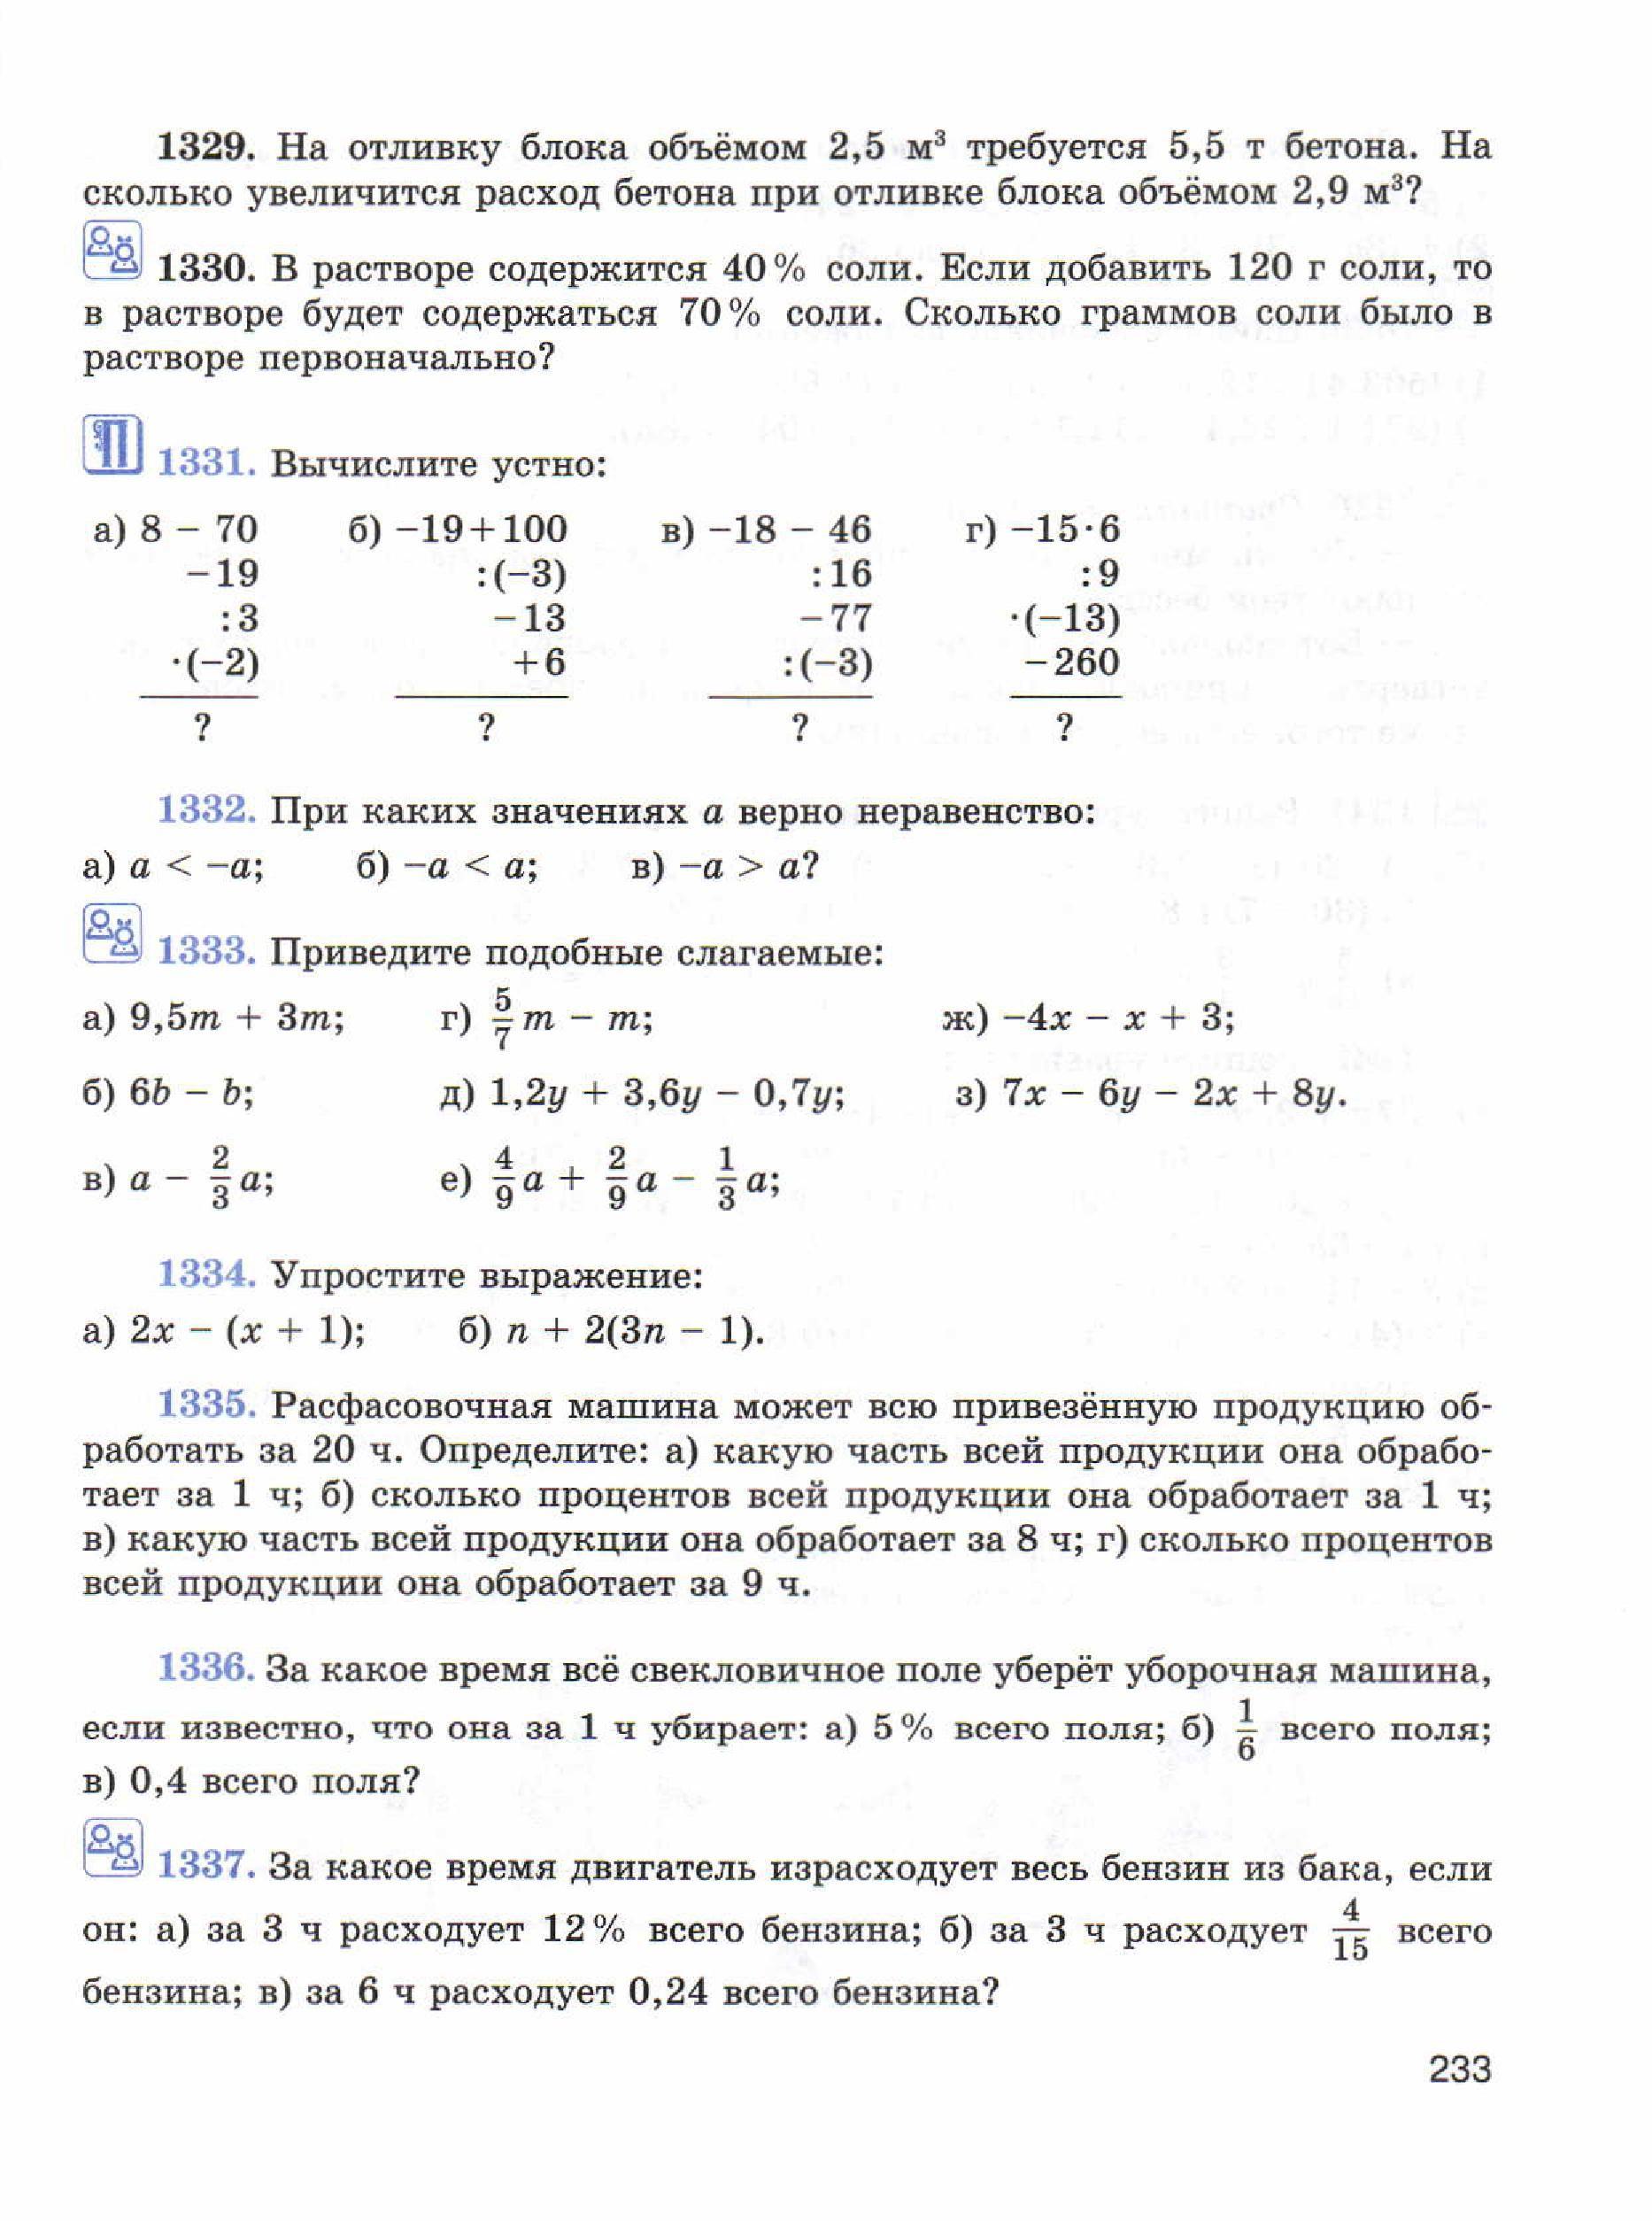 Упражнение 366 по русскому языку 7 класс львова и львов